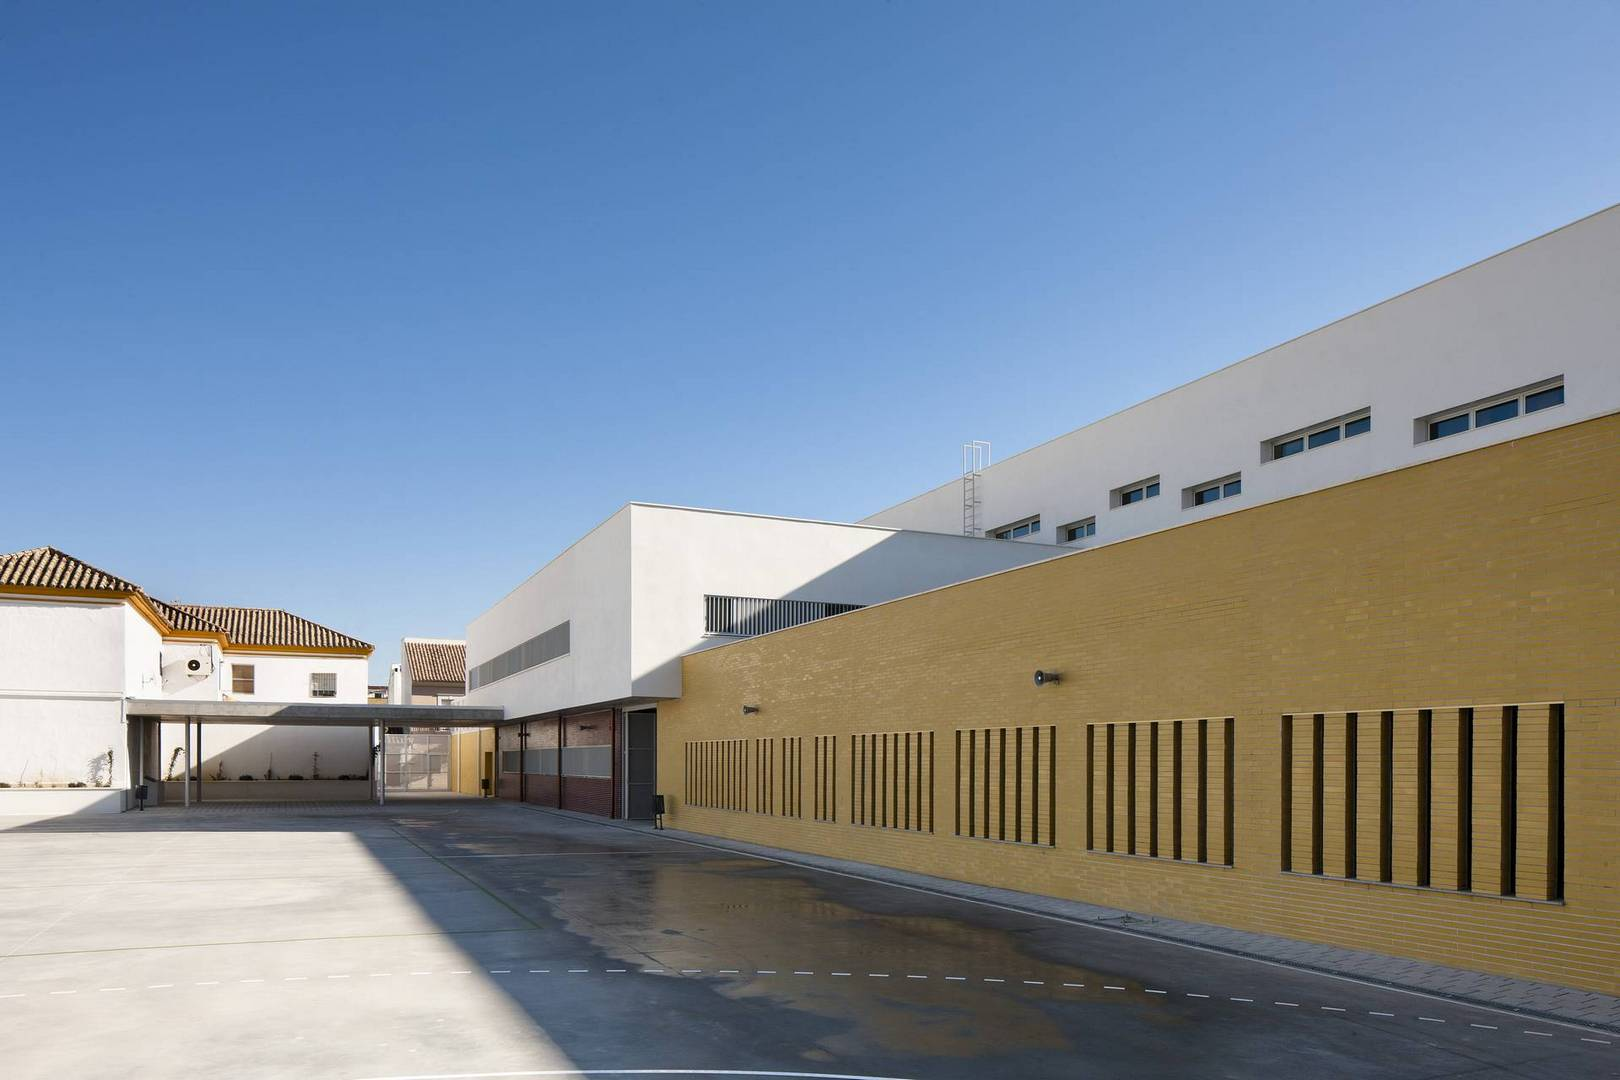 Centro de educaci n infantil y primaria en c rdoba unia - Arquitectos en cordoba ...